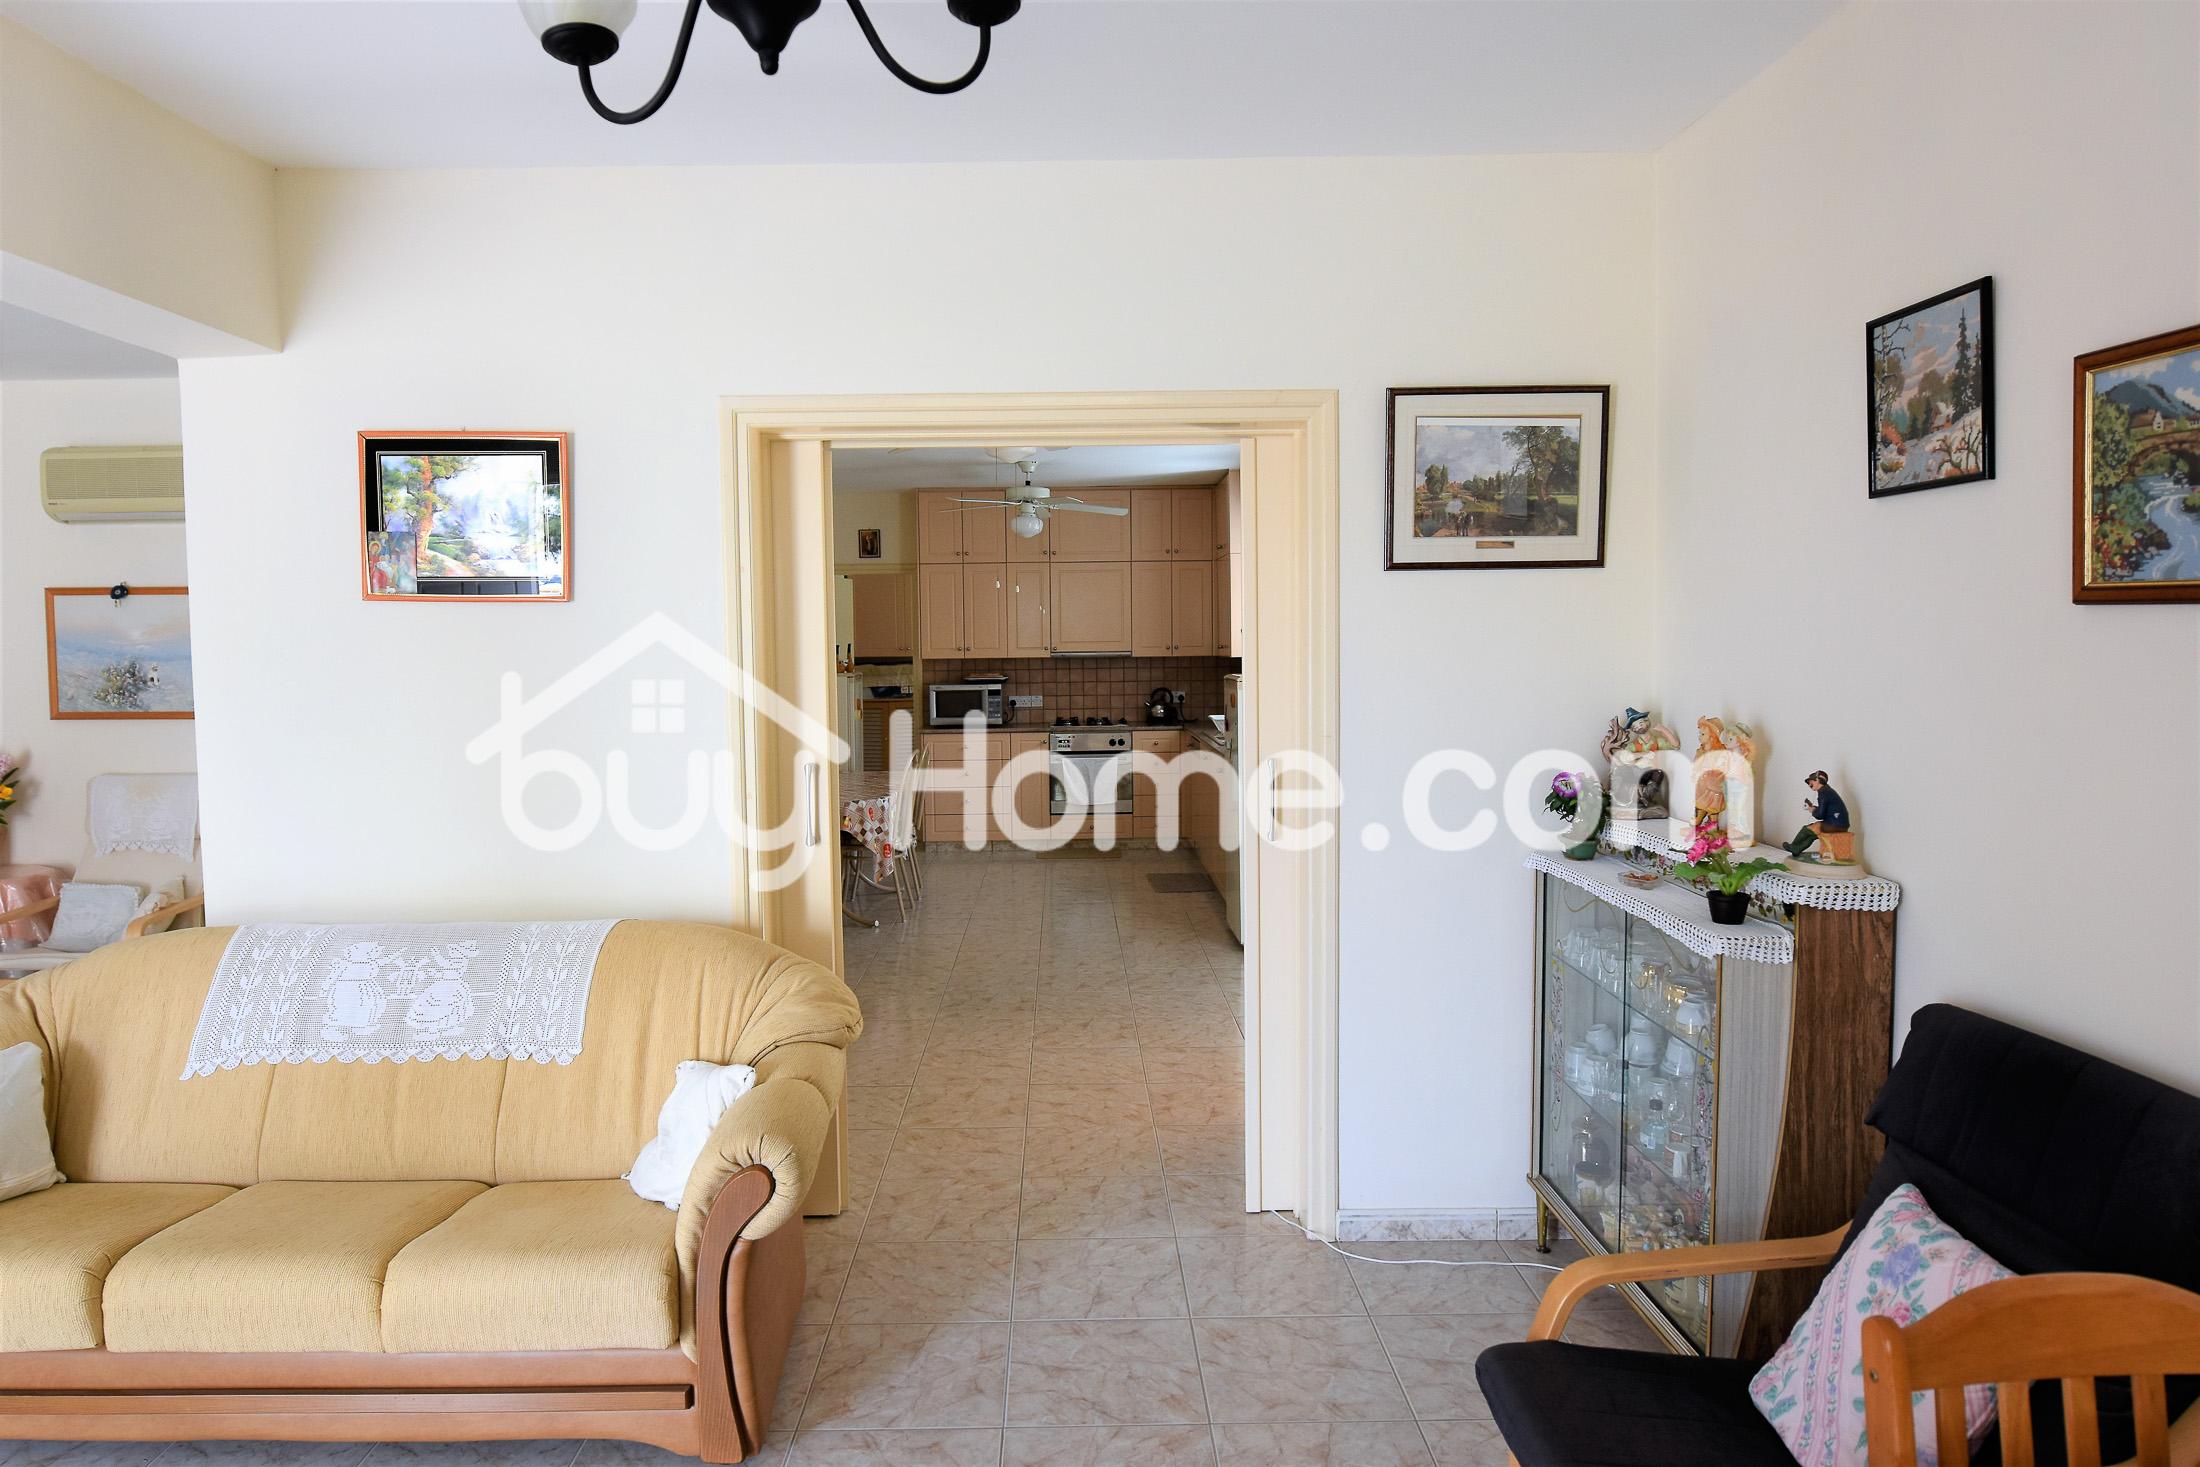 3 Bedroom Detached Bungalow | BuyHome